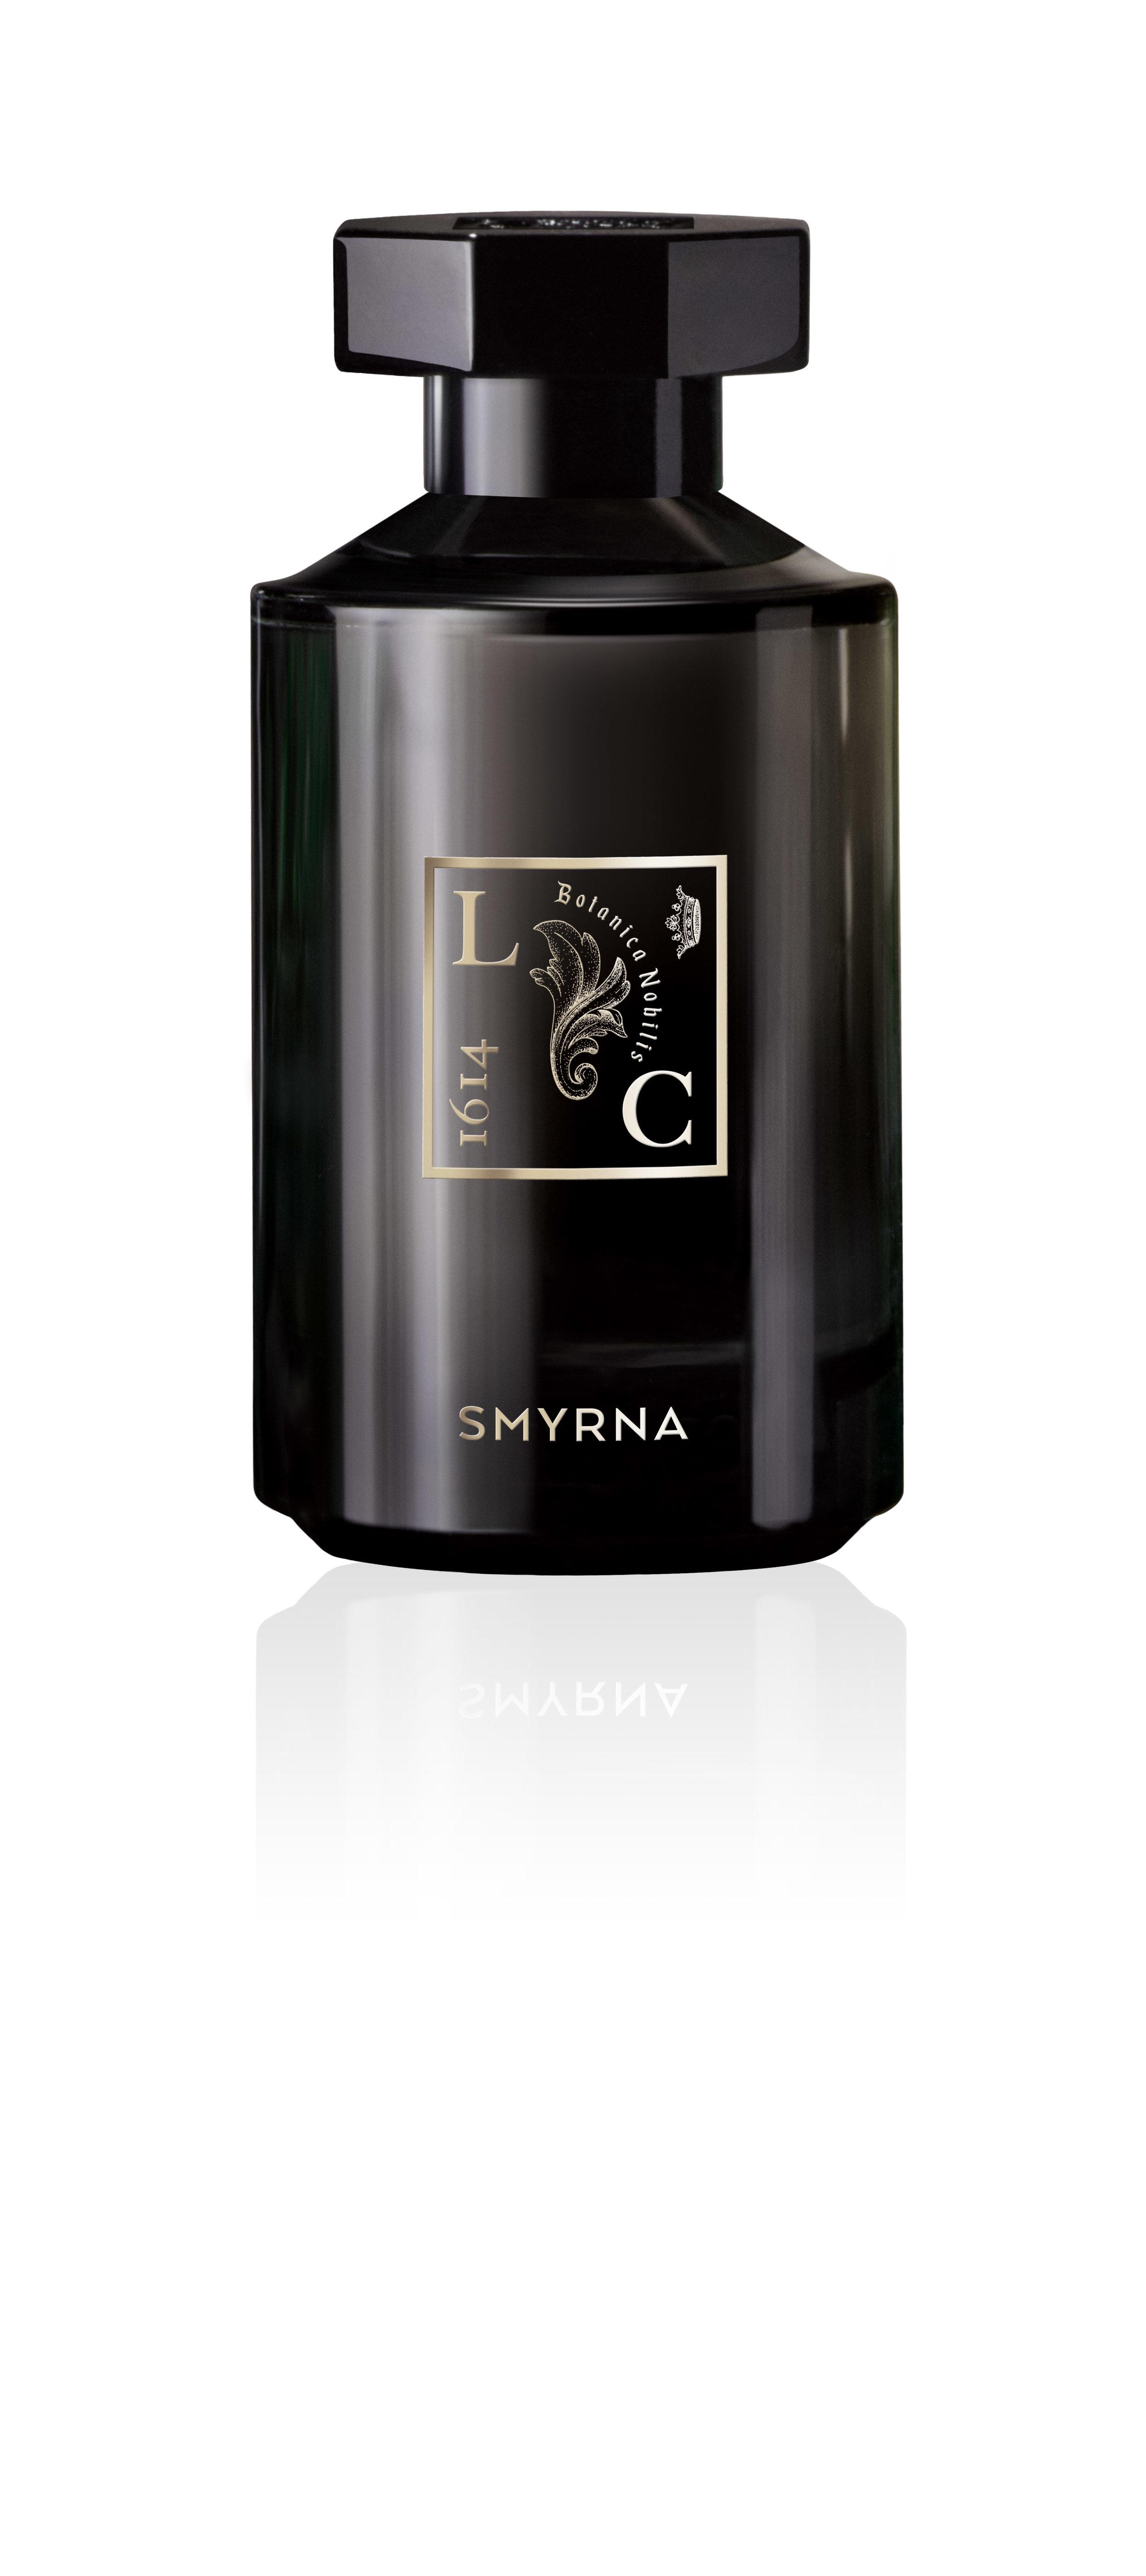 SMYRNA-FLACON-DET-0118.jpg